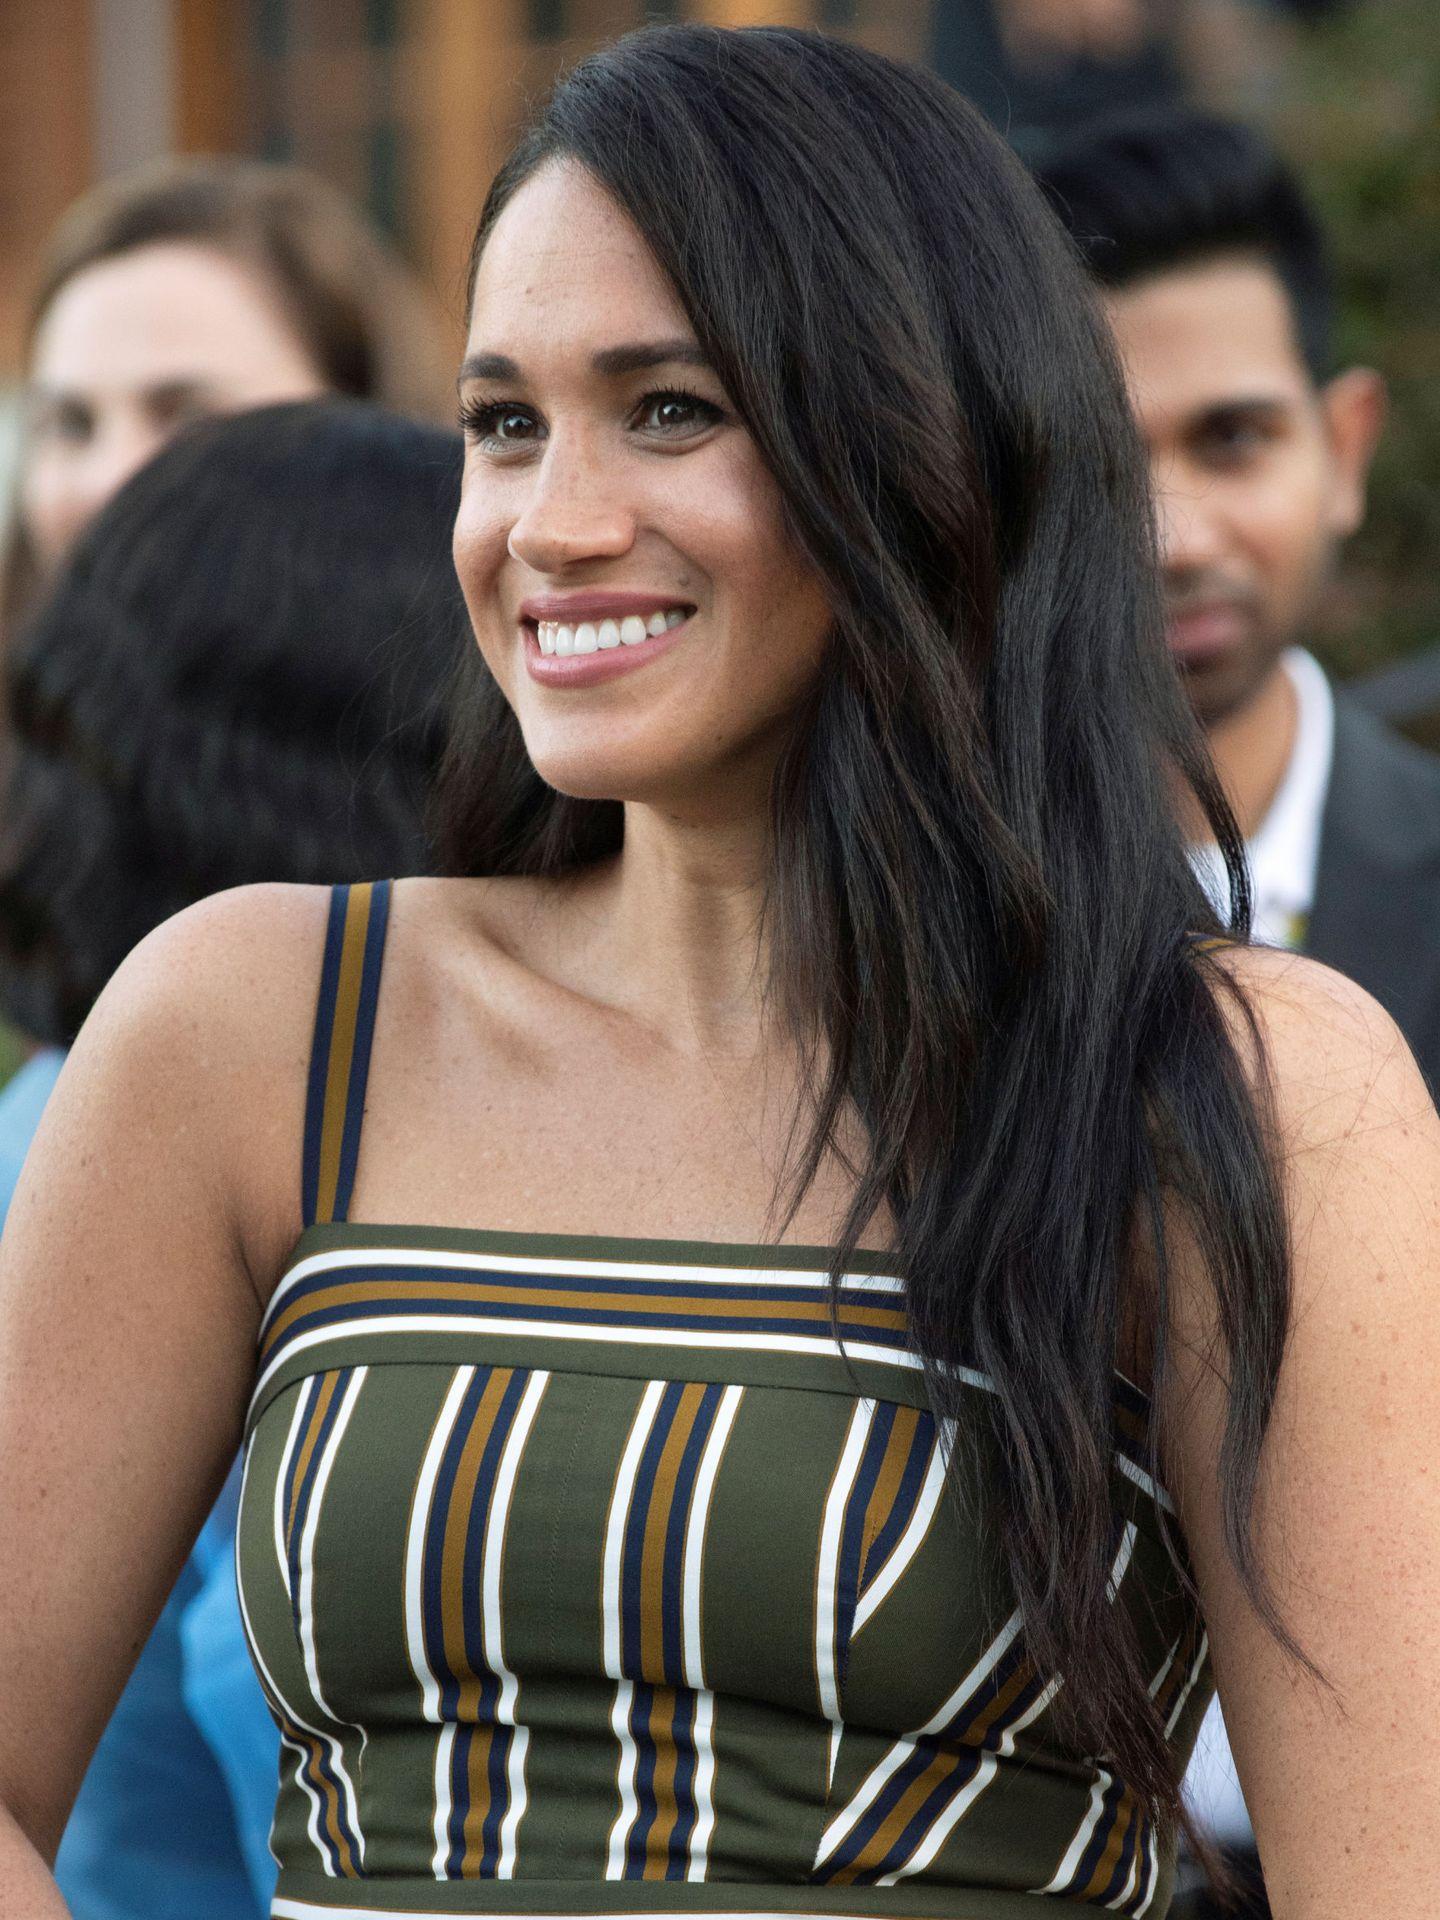 El cabello de Meghan Markle meses antes de la huida. (Reuters)